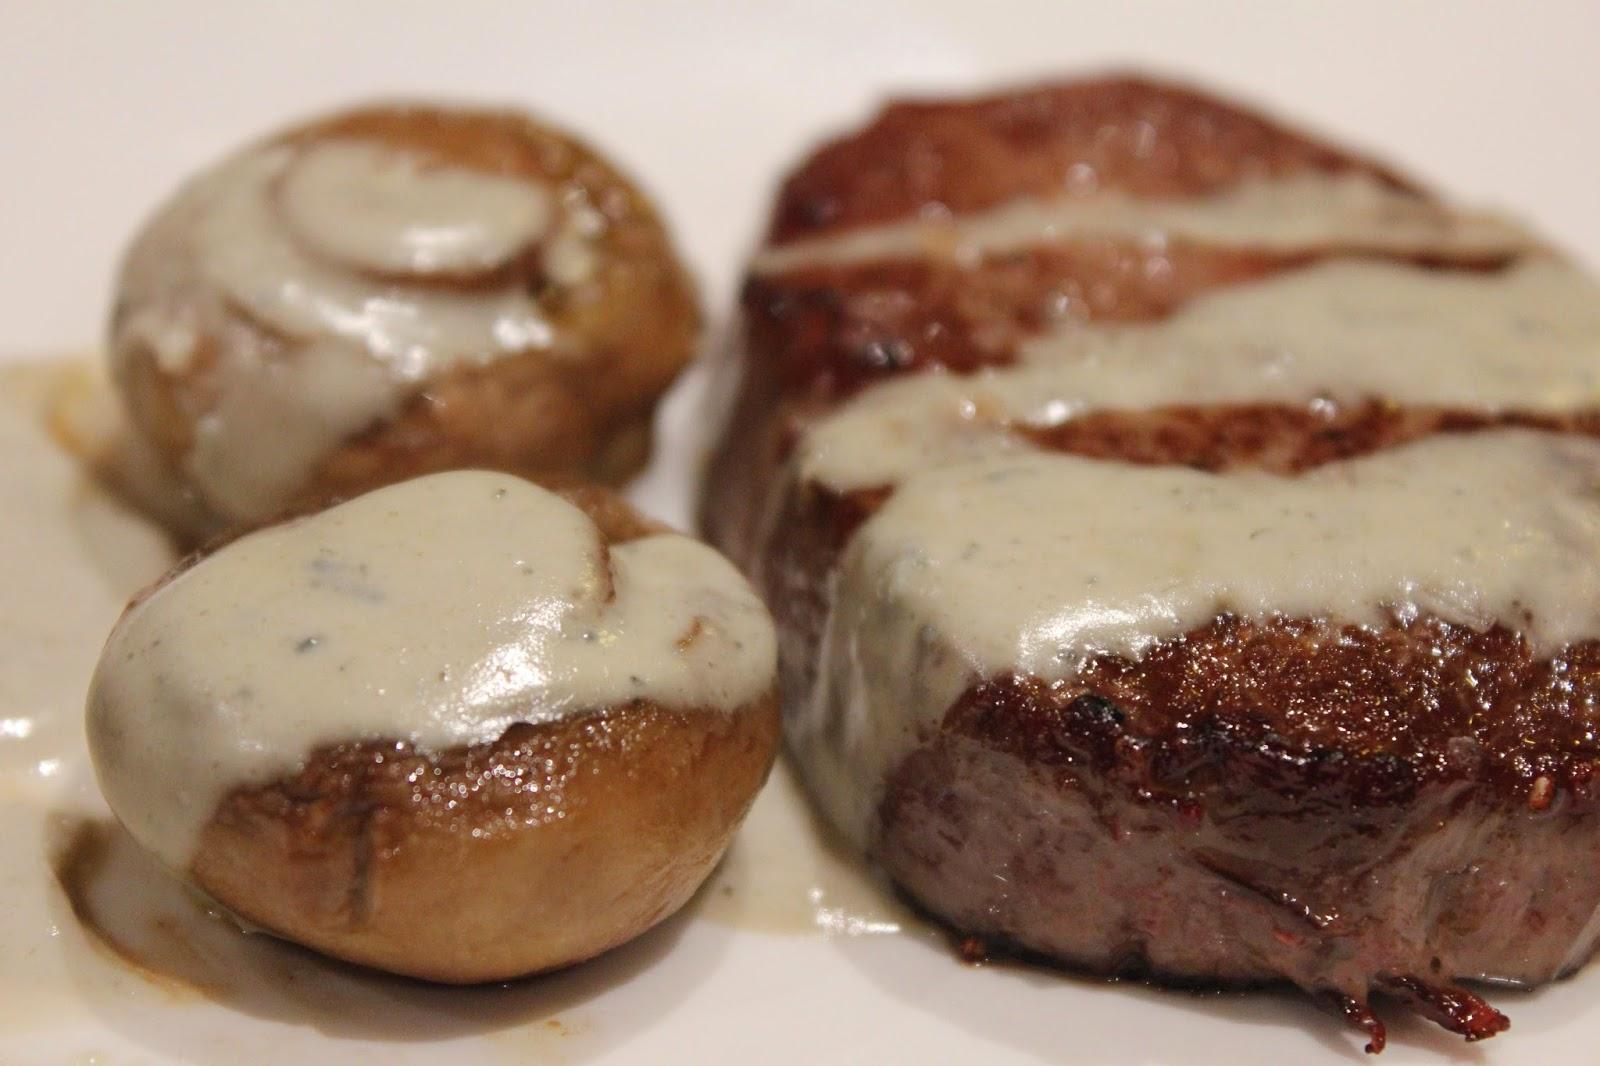 Pacocinartu solomillo de ternera a la crema de queso pic n for Cocinar solomillo de ternera